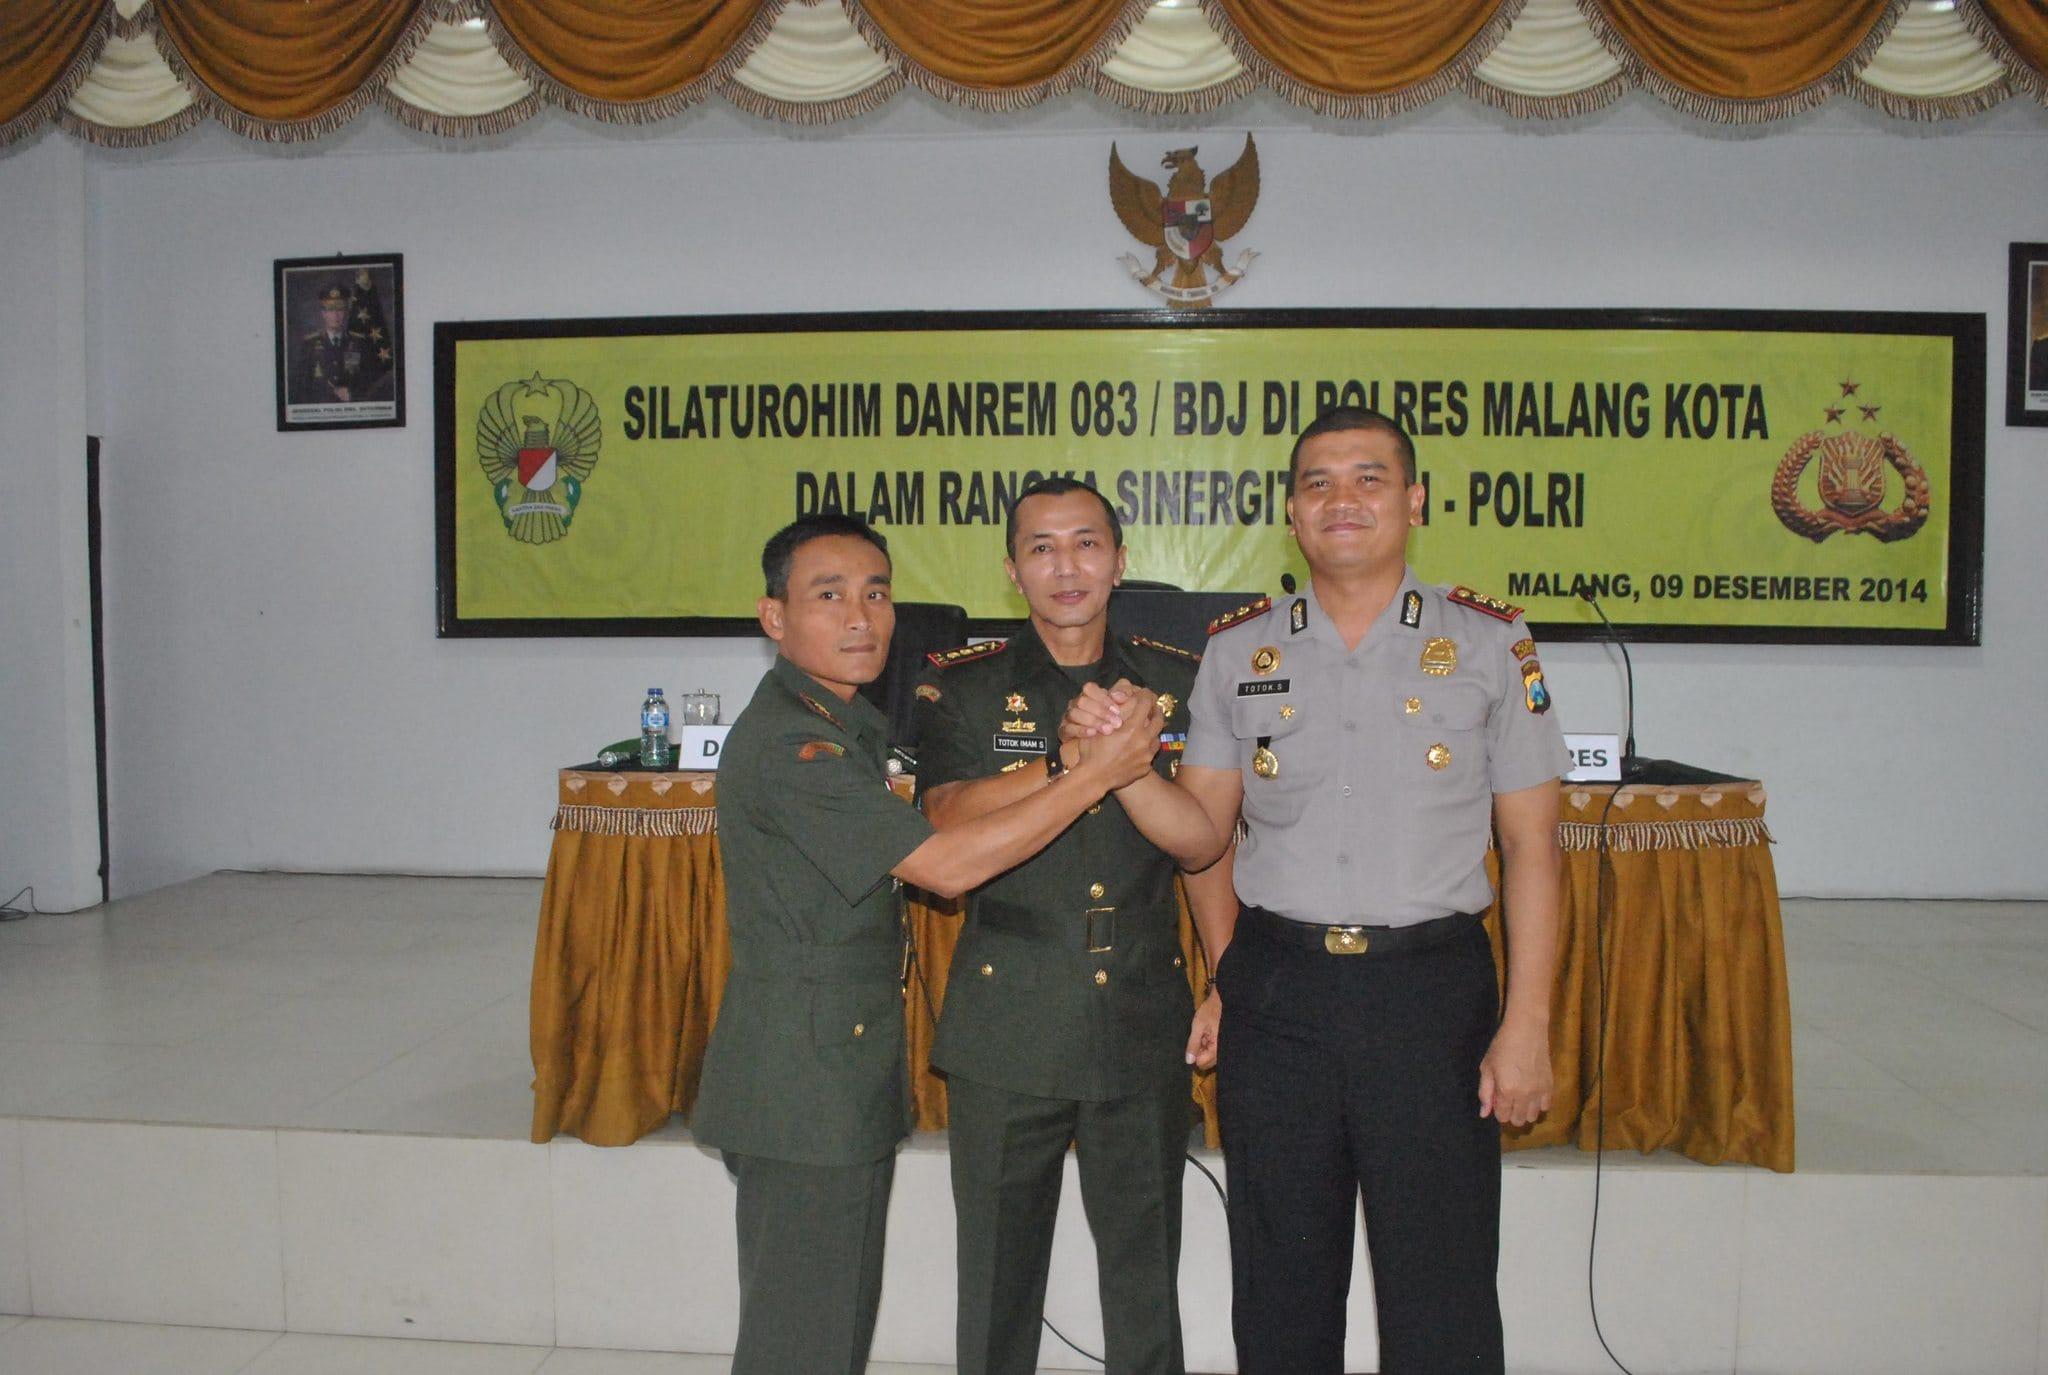 DANREM 083/BDJ MERAJUT KEBERSAMAAN TNI-POLRI DALAM TUGAS DI WIL. MALANG KOTA